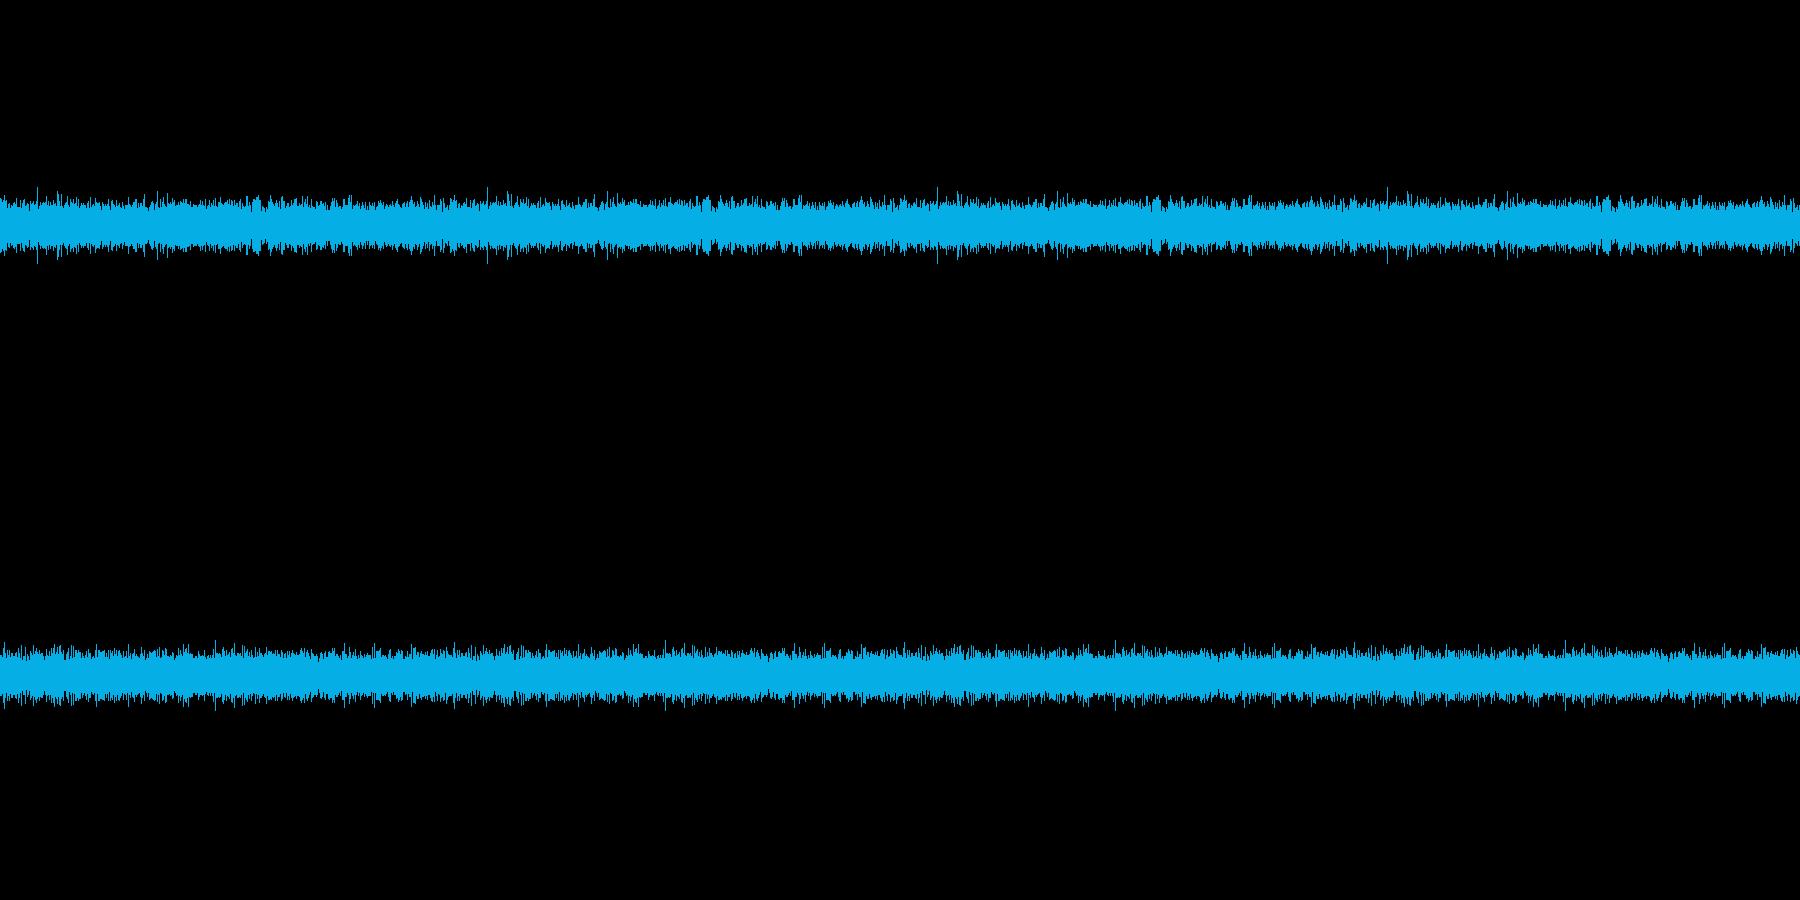 ASMR 音フェチApp用 ノイズ 3の再生済みの波形